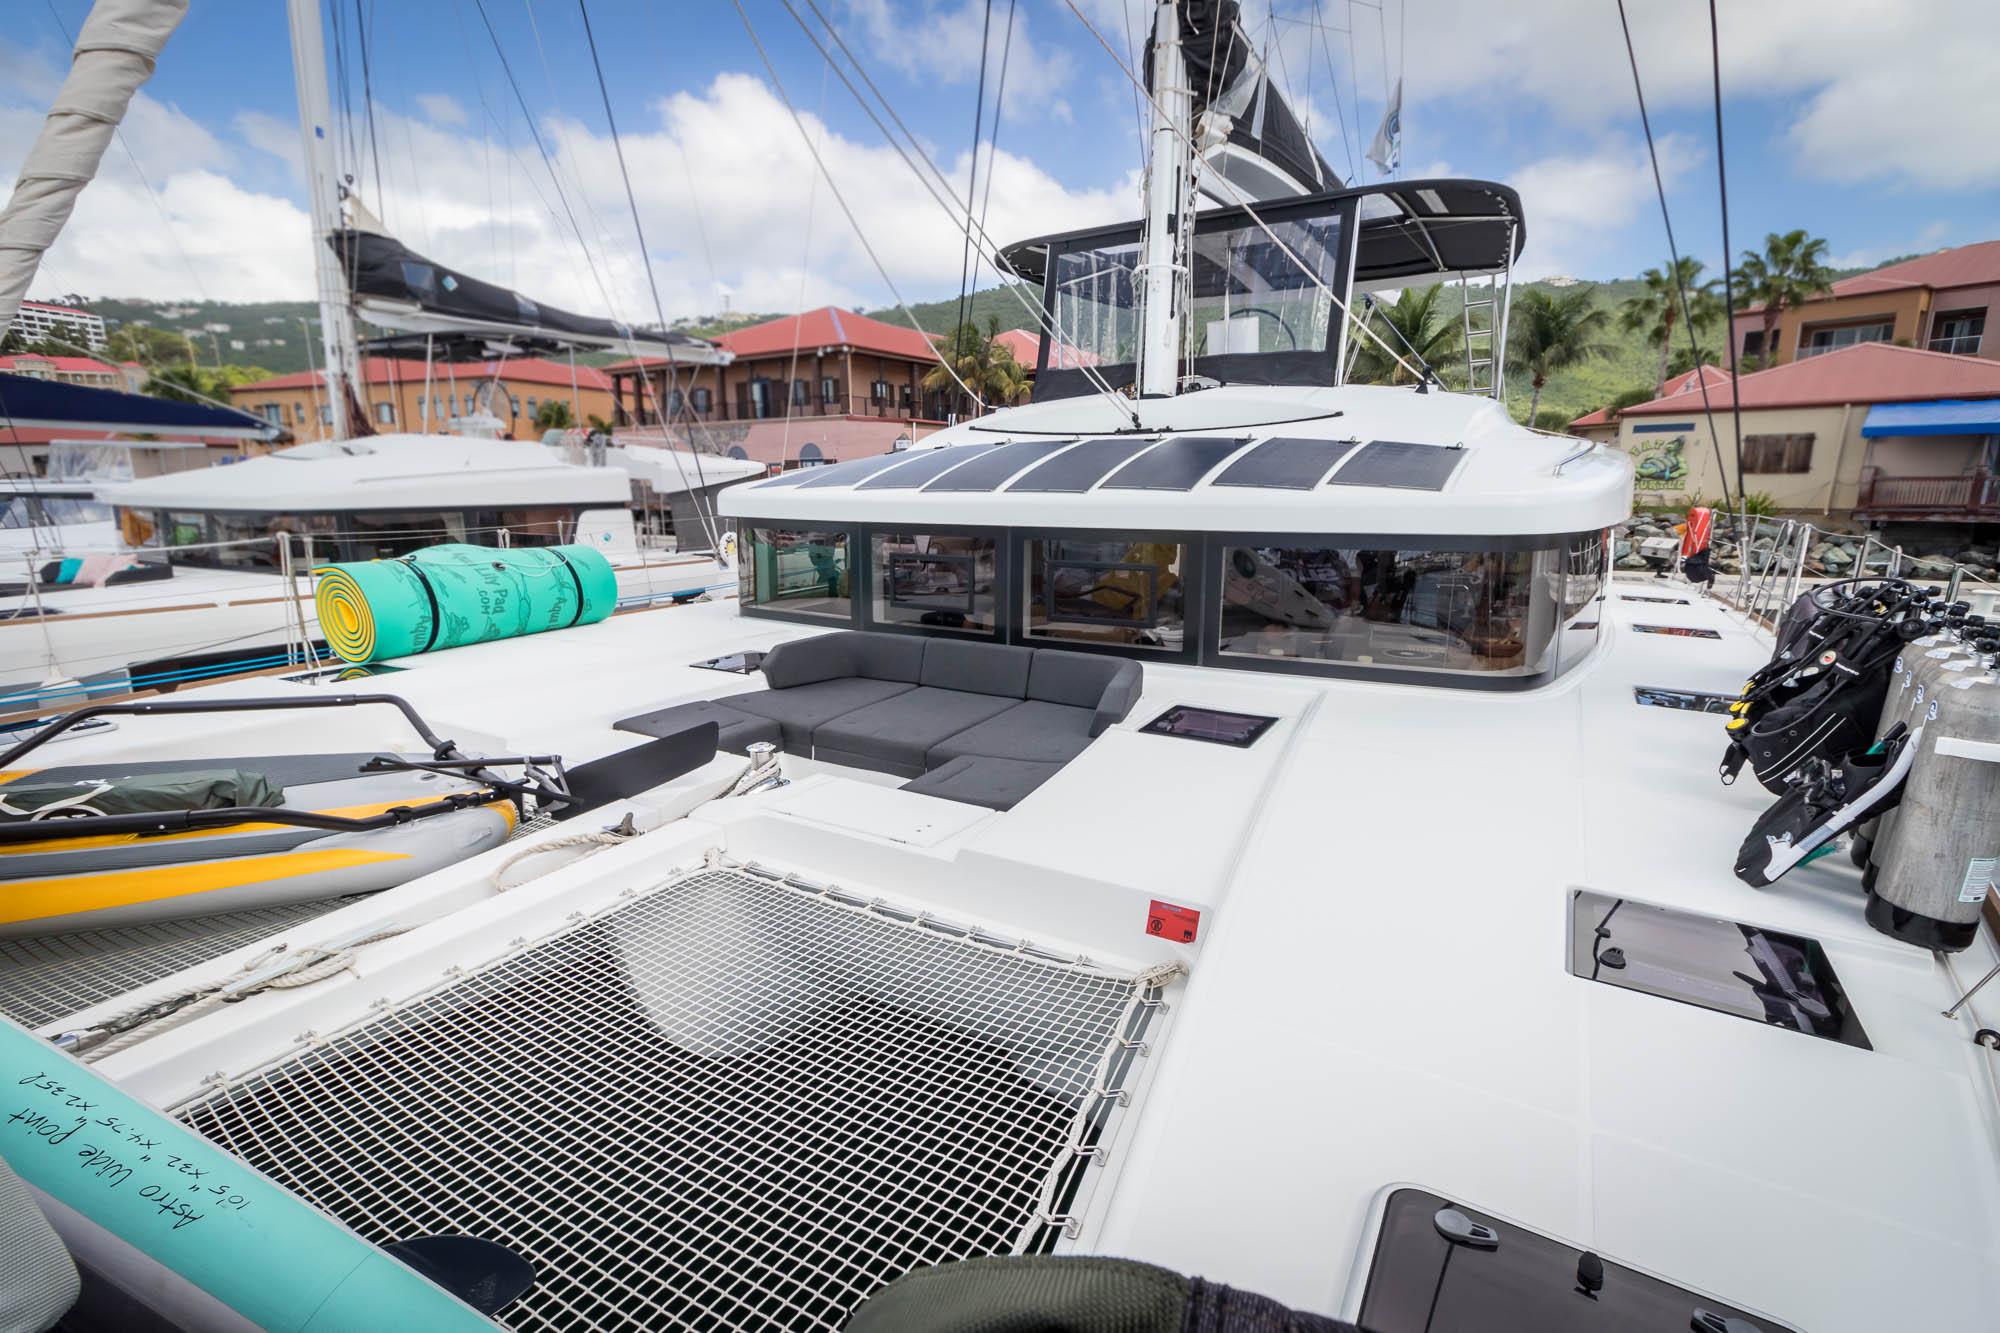 2017 Lagoon 52-Oui Cherie Charter Catamaran